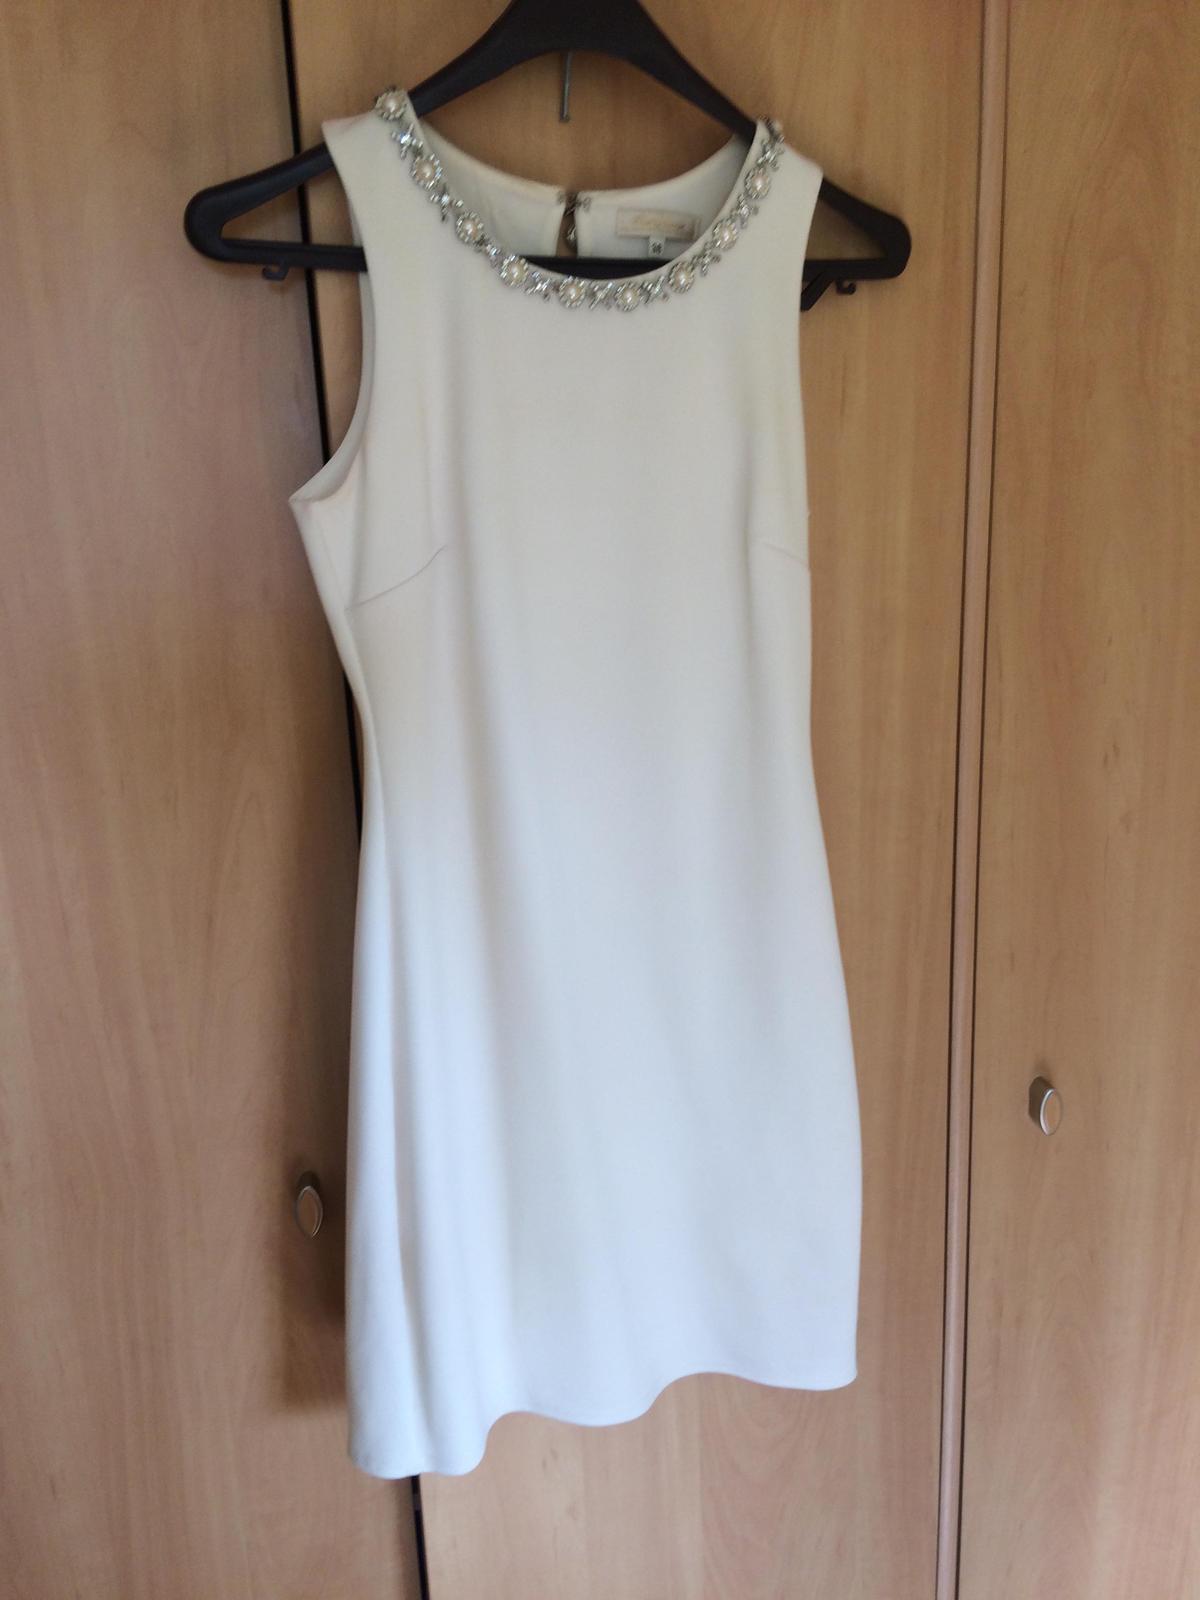 Biele spoločenské šaty - Obrázok č. 1